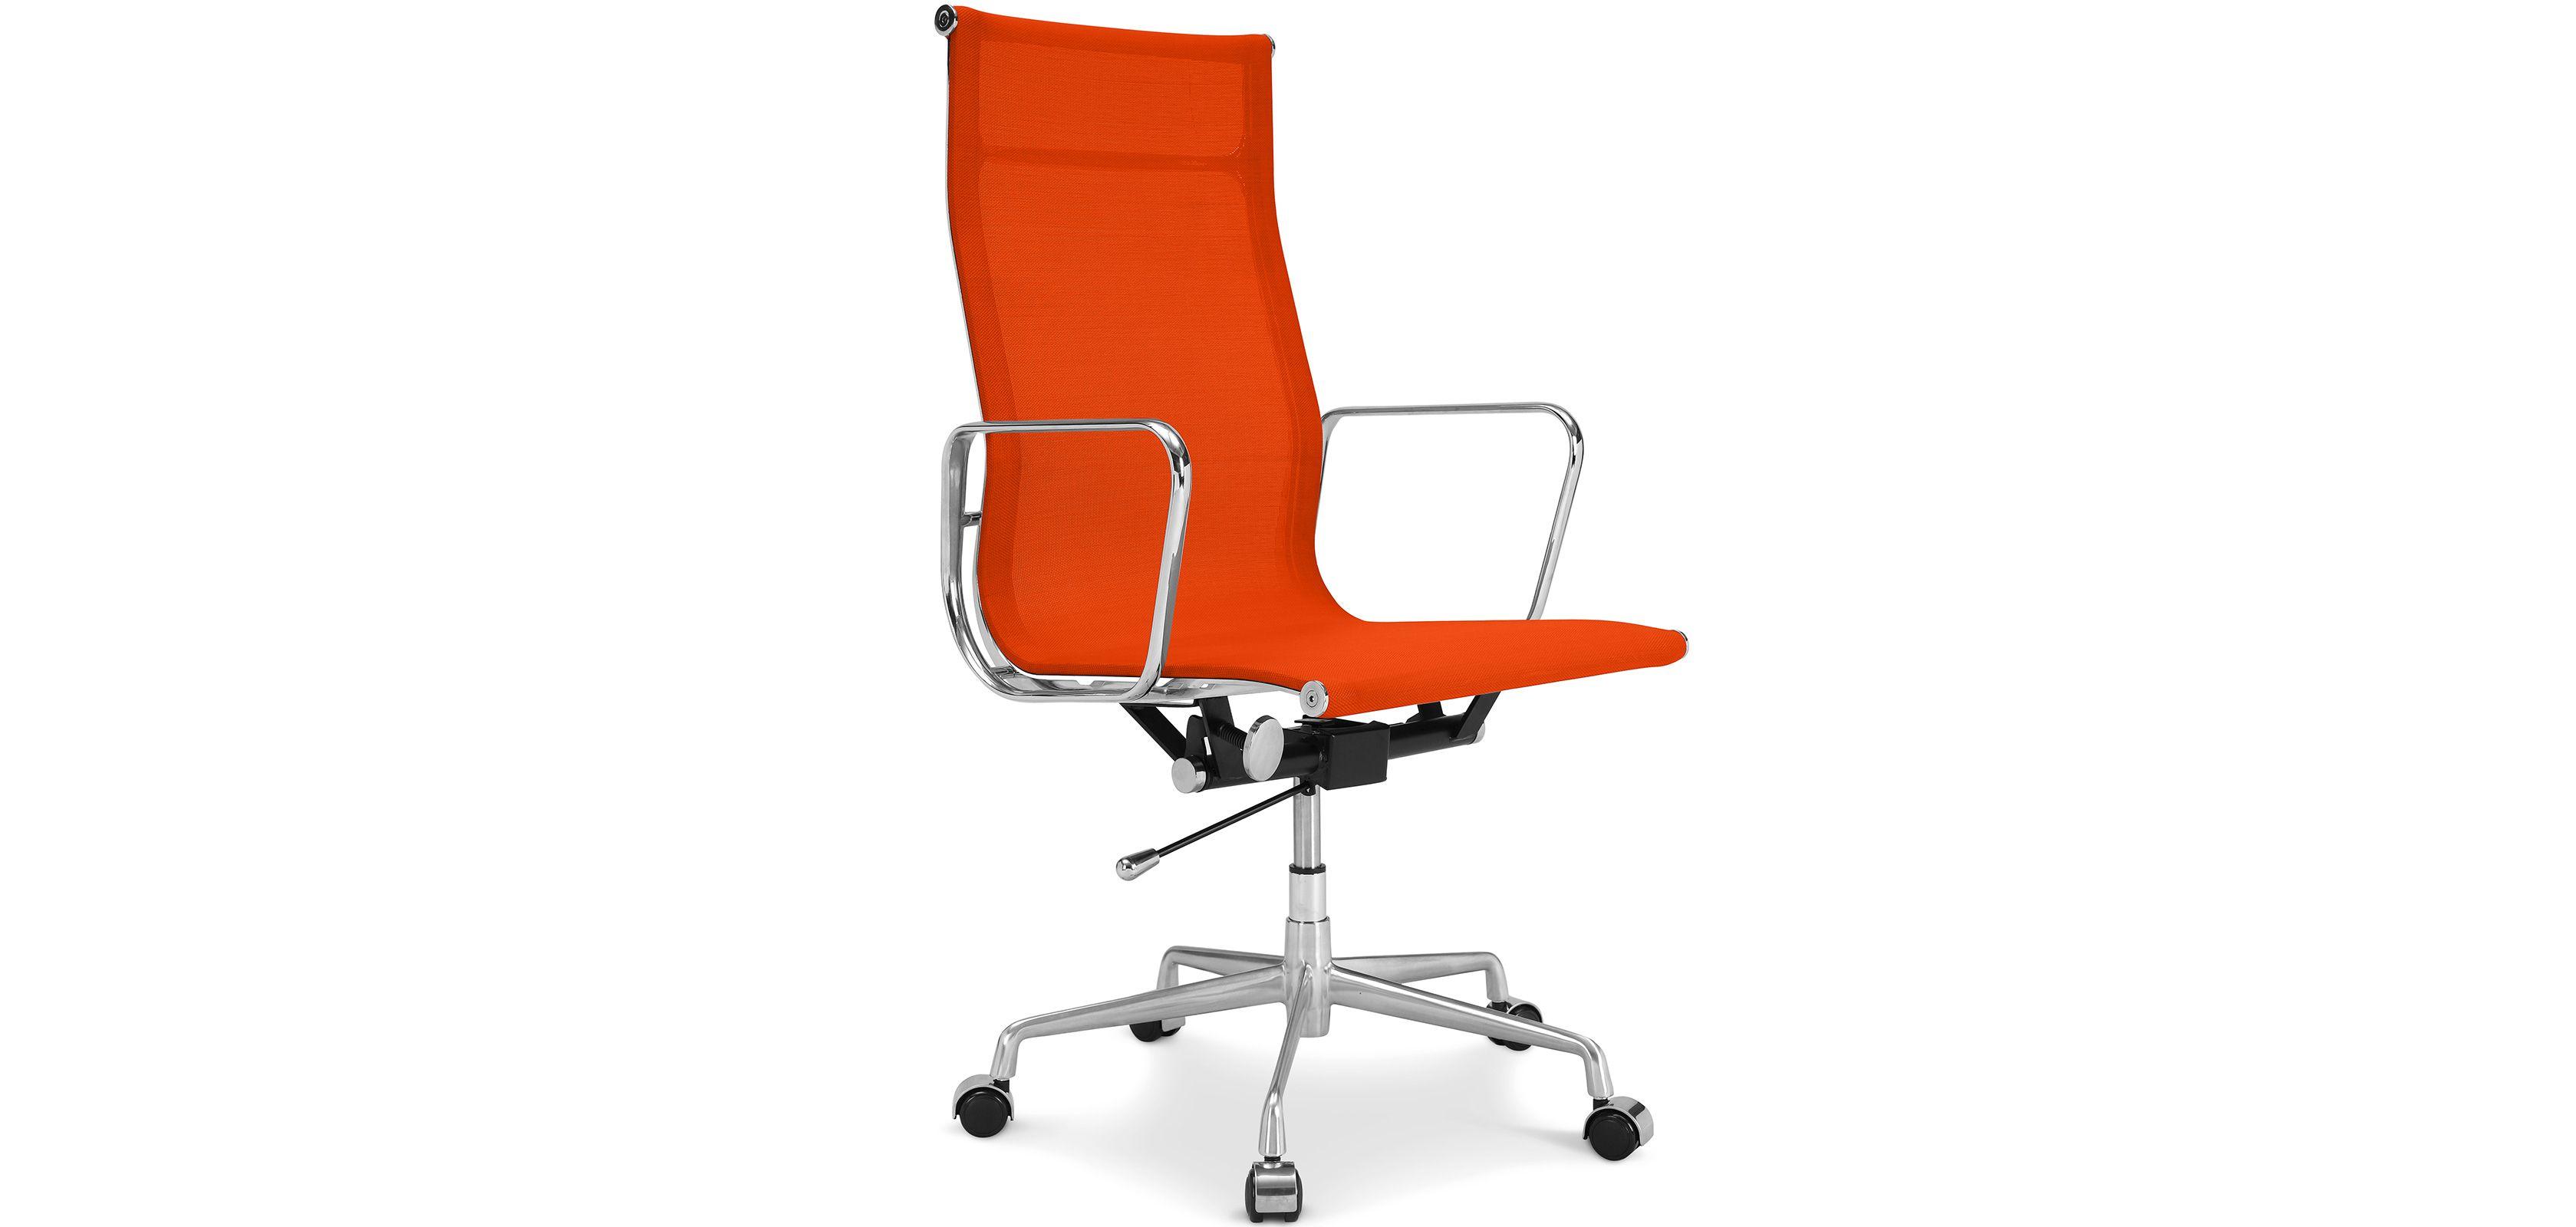 Sedia ufficio - Aluminium Group EA 119 Eames style ...